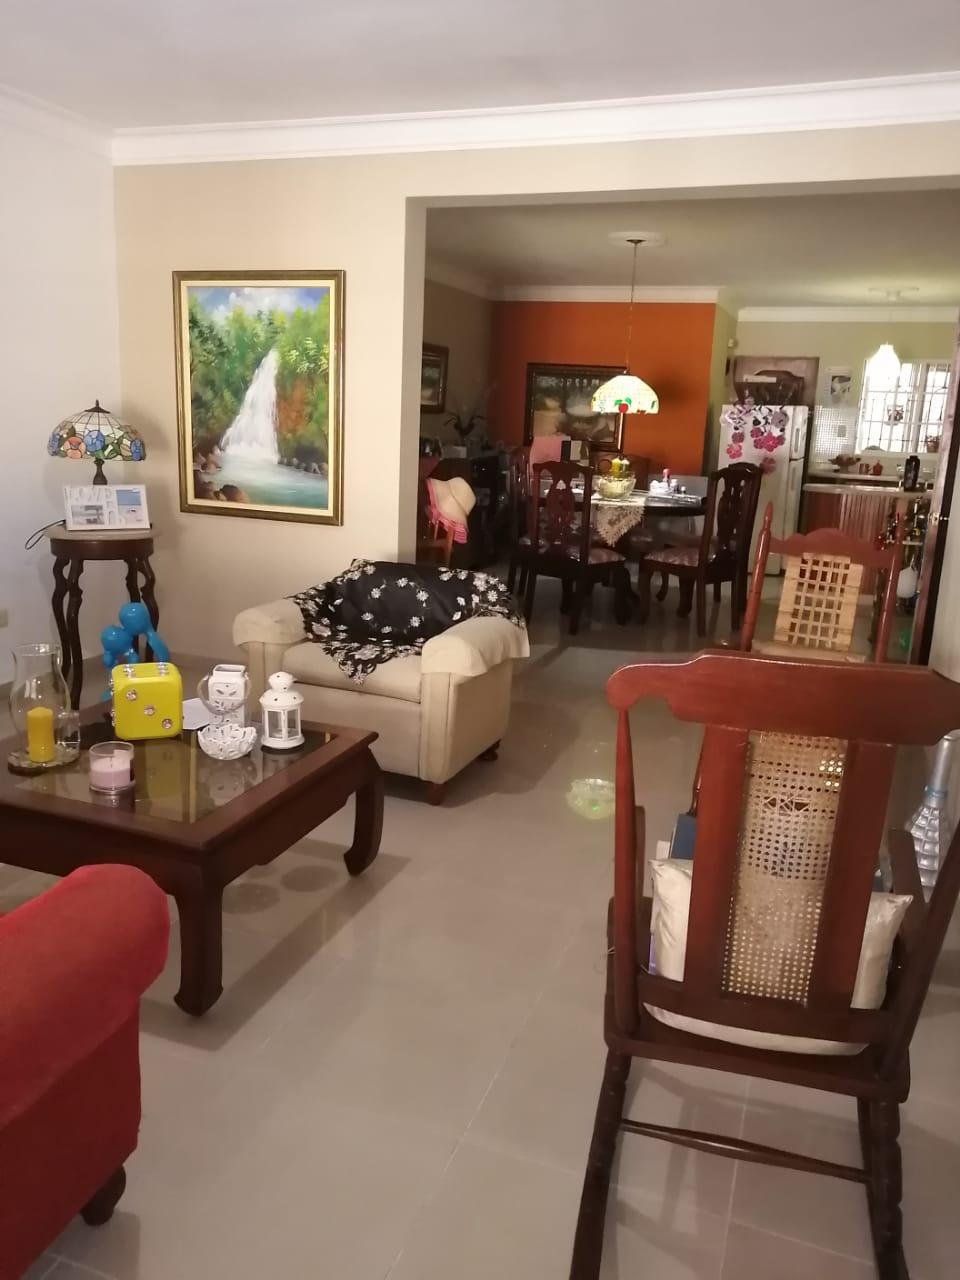 Apartamento en venta en el sector LOS RESTAURADORES precio RD$ 7,000,000.00 RD$7,000,000